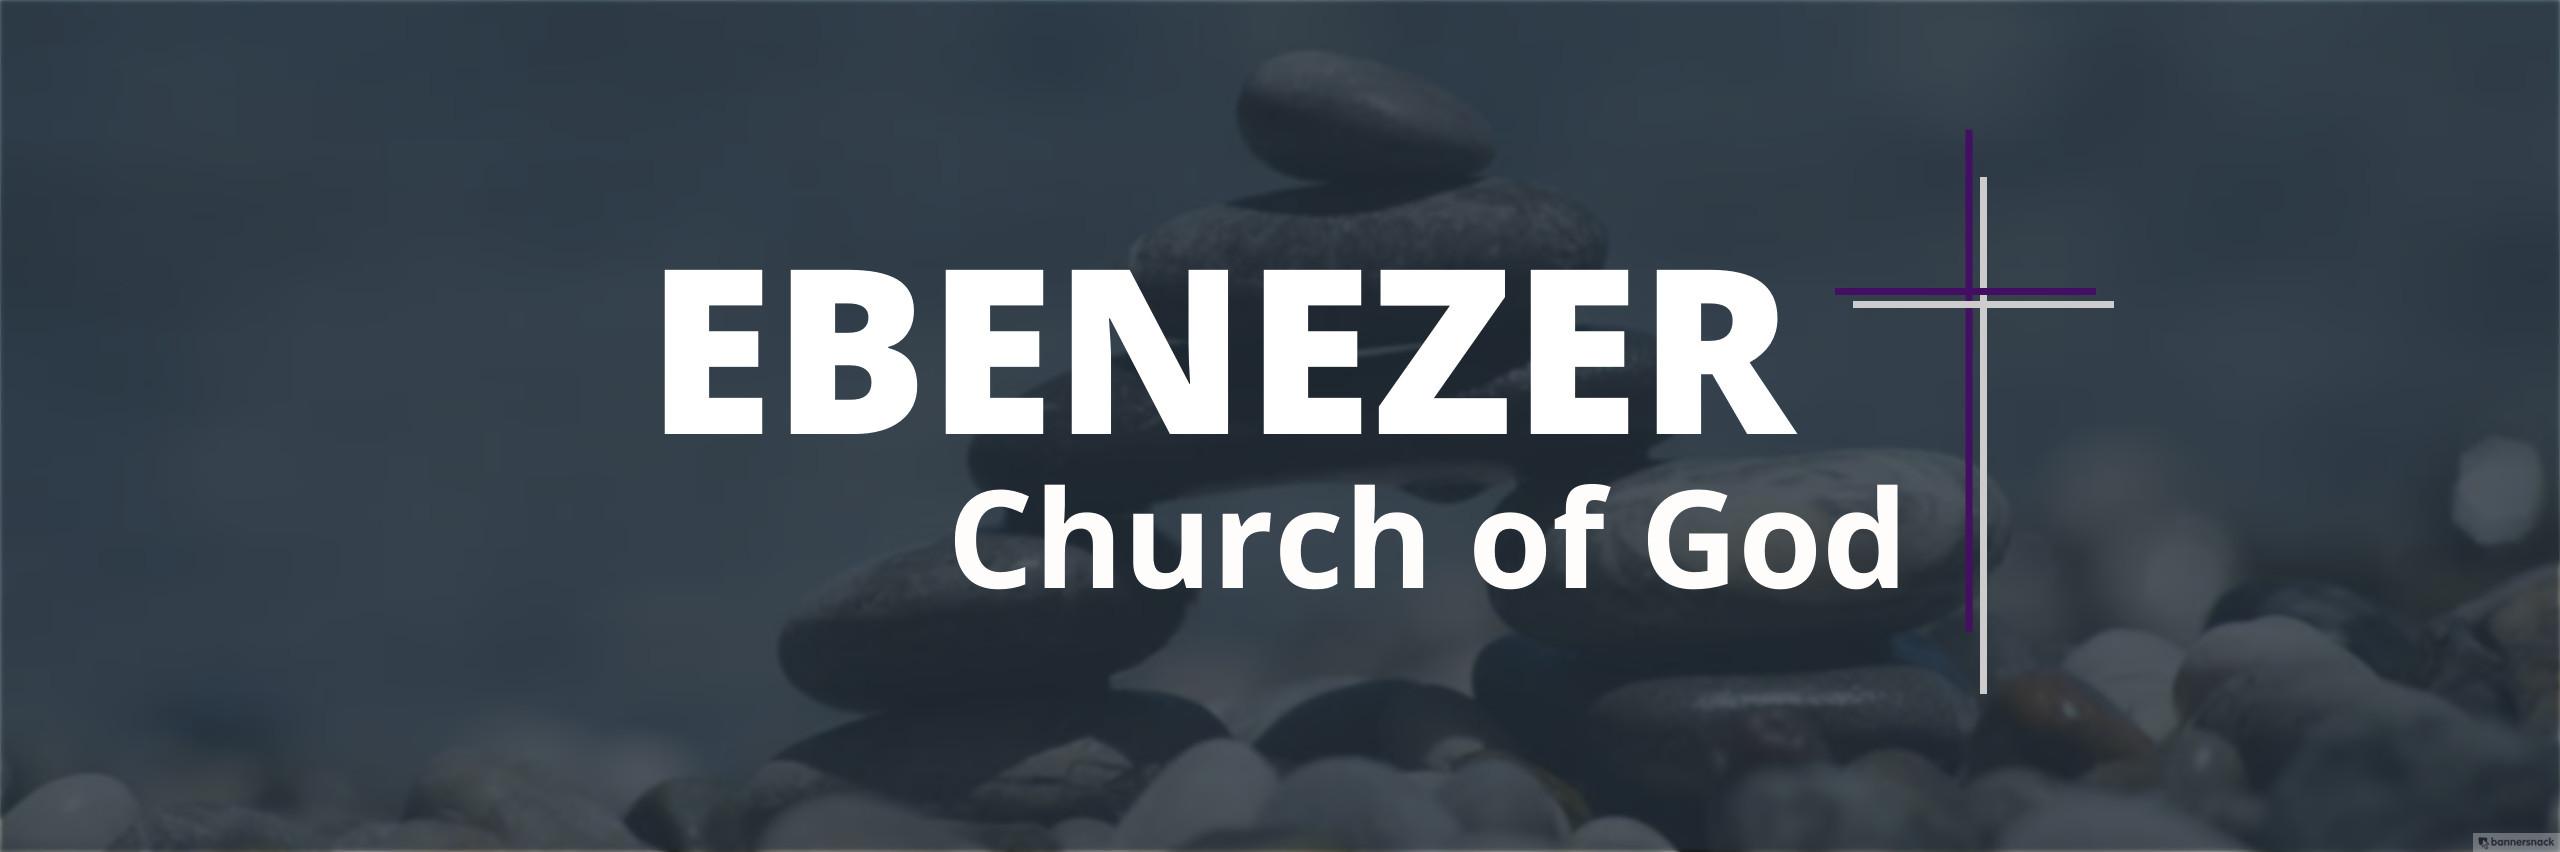 Ebenezer Church of God